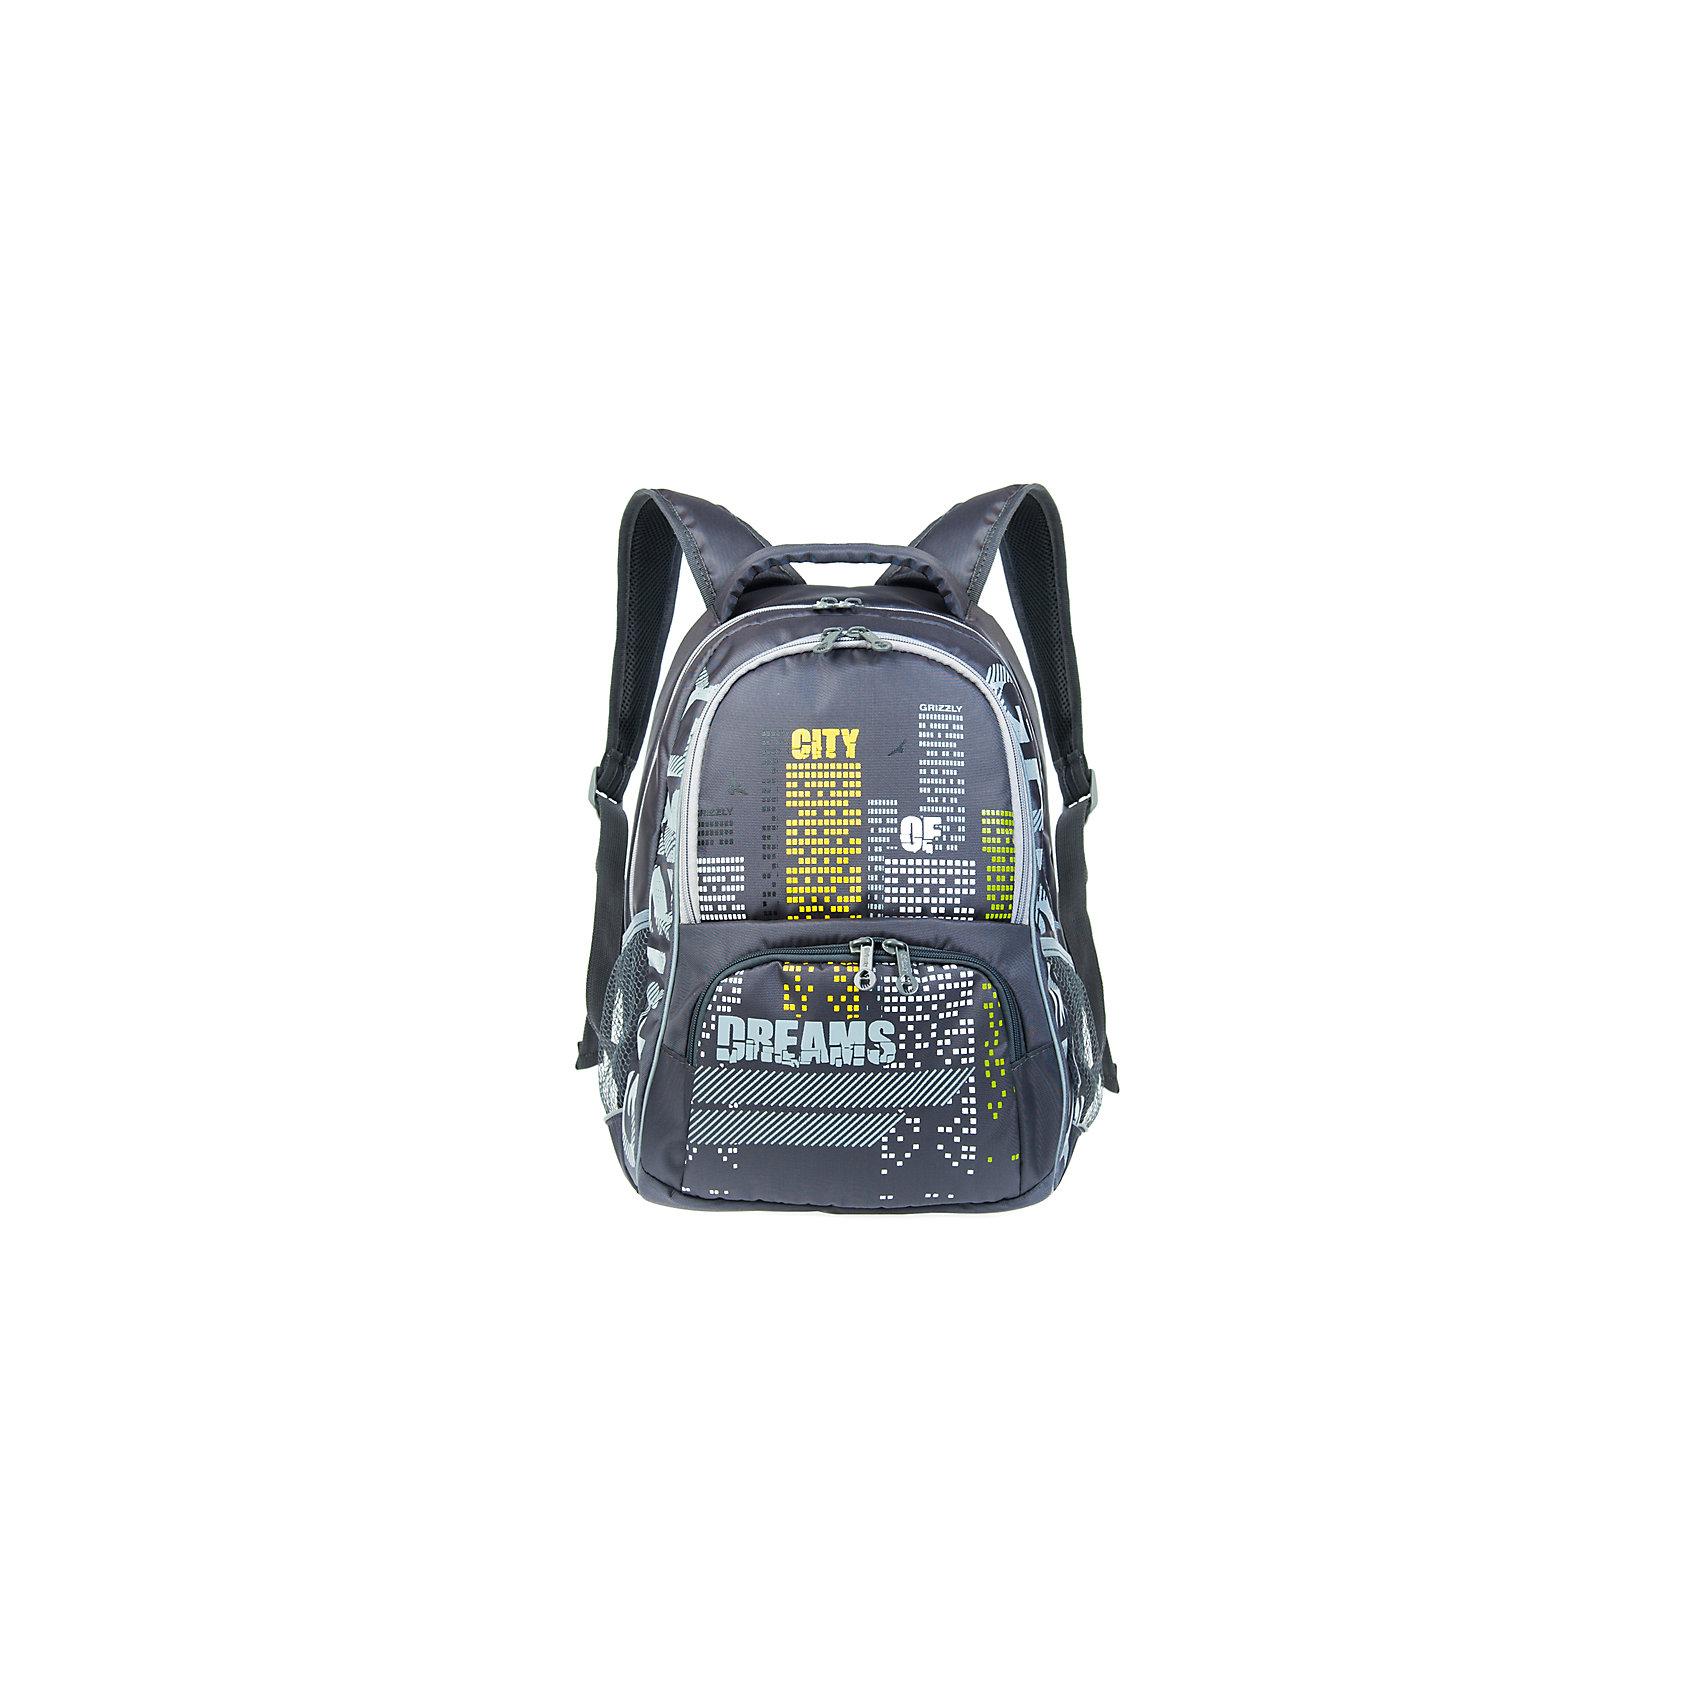 Рюкзак школьный Grizzly, серыйРюкзаки<br>Рюкзак школьный, два отделения, объемный карман на молнии на передней стенке, боковые карманы из сетки, внутренний подвесной карман на молнии, внутренний составной пенал-органайзер, жесткая анатомическая спинка, мягкая укрепленная ручка, укрепленные лямки, светоотражающие элементы с четырех сторон<br><br>Ширина мм: 320<br>Глубина мм: 200<br>Высота мм: 420<br>Вес г: 768<br>Возраст от месяцев: 72<br>Возраст до месяцев: 2147483647<br>Пол: Мужской<br>Возраст: Детский<br>SKU: 6939839